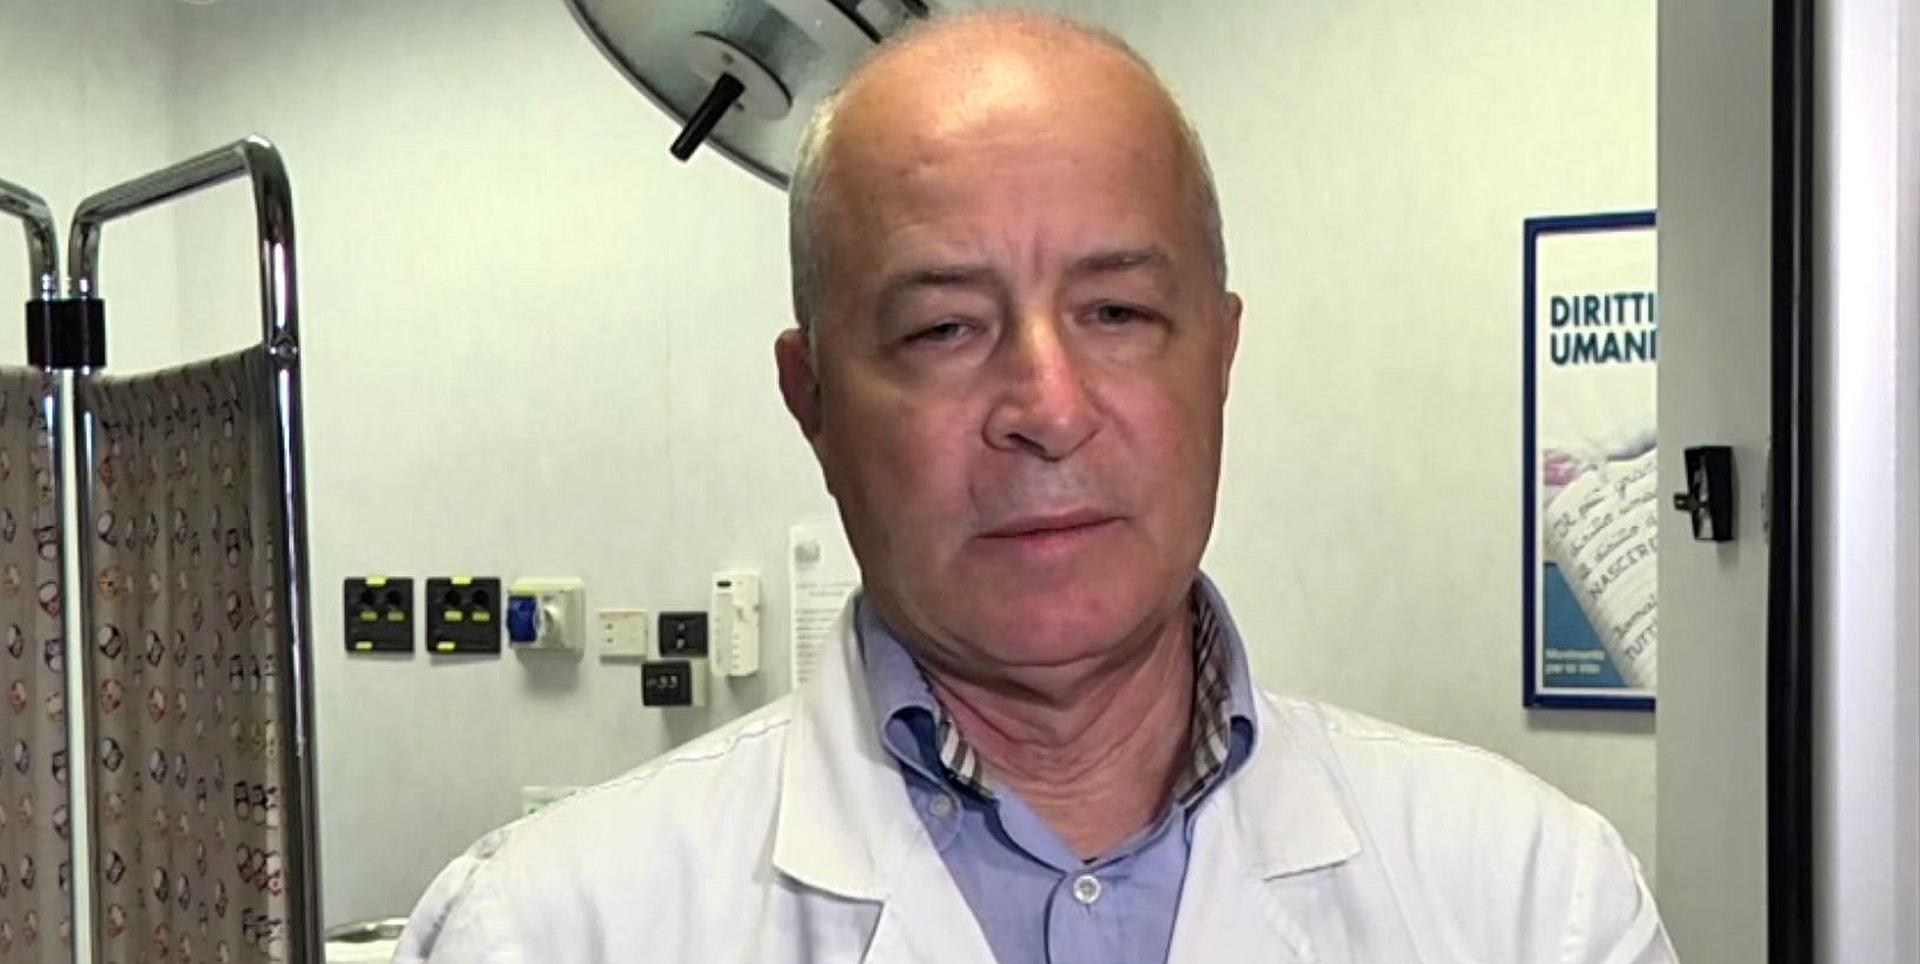 Luigi Alio